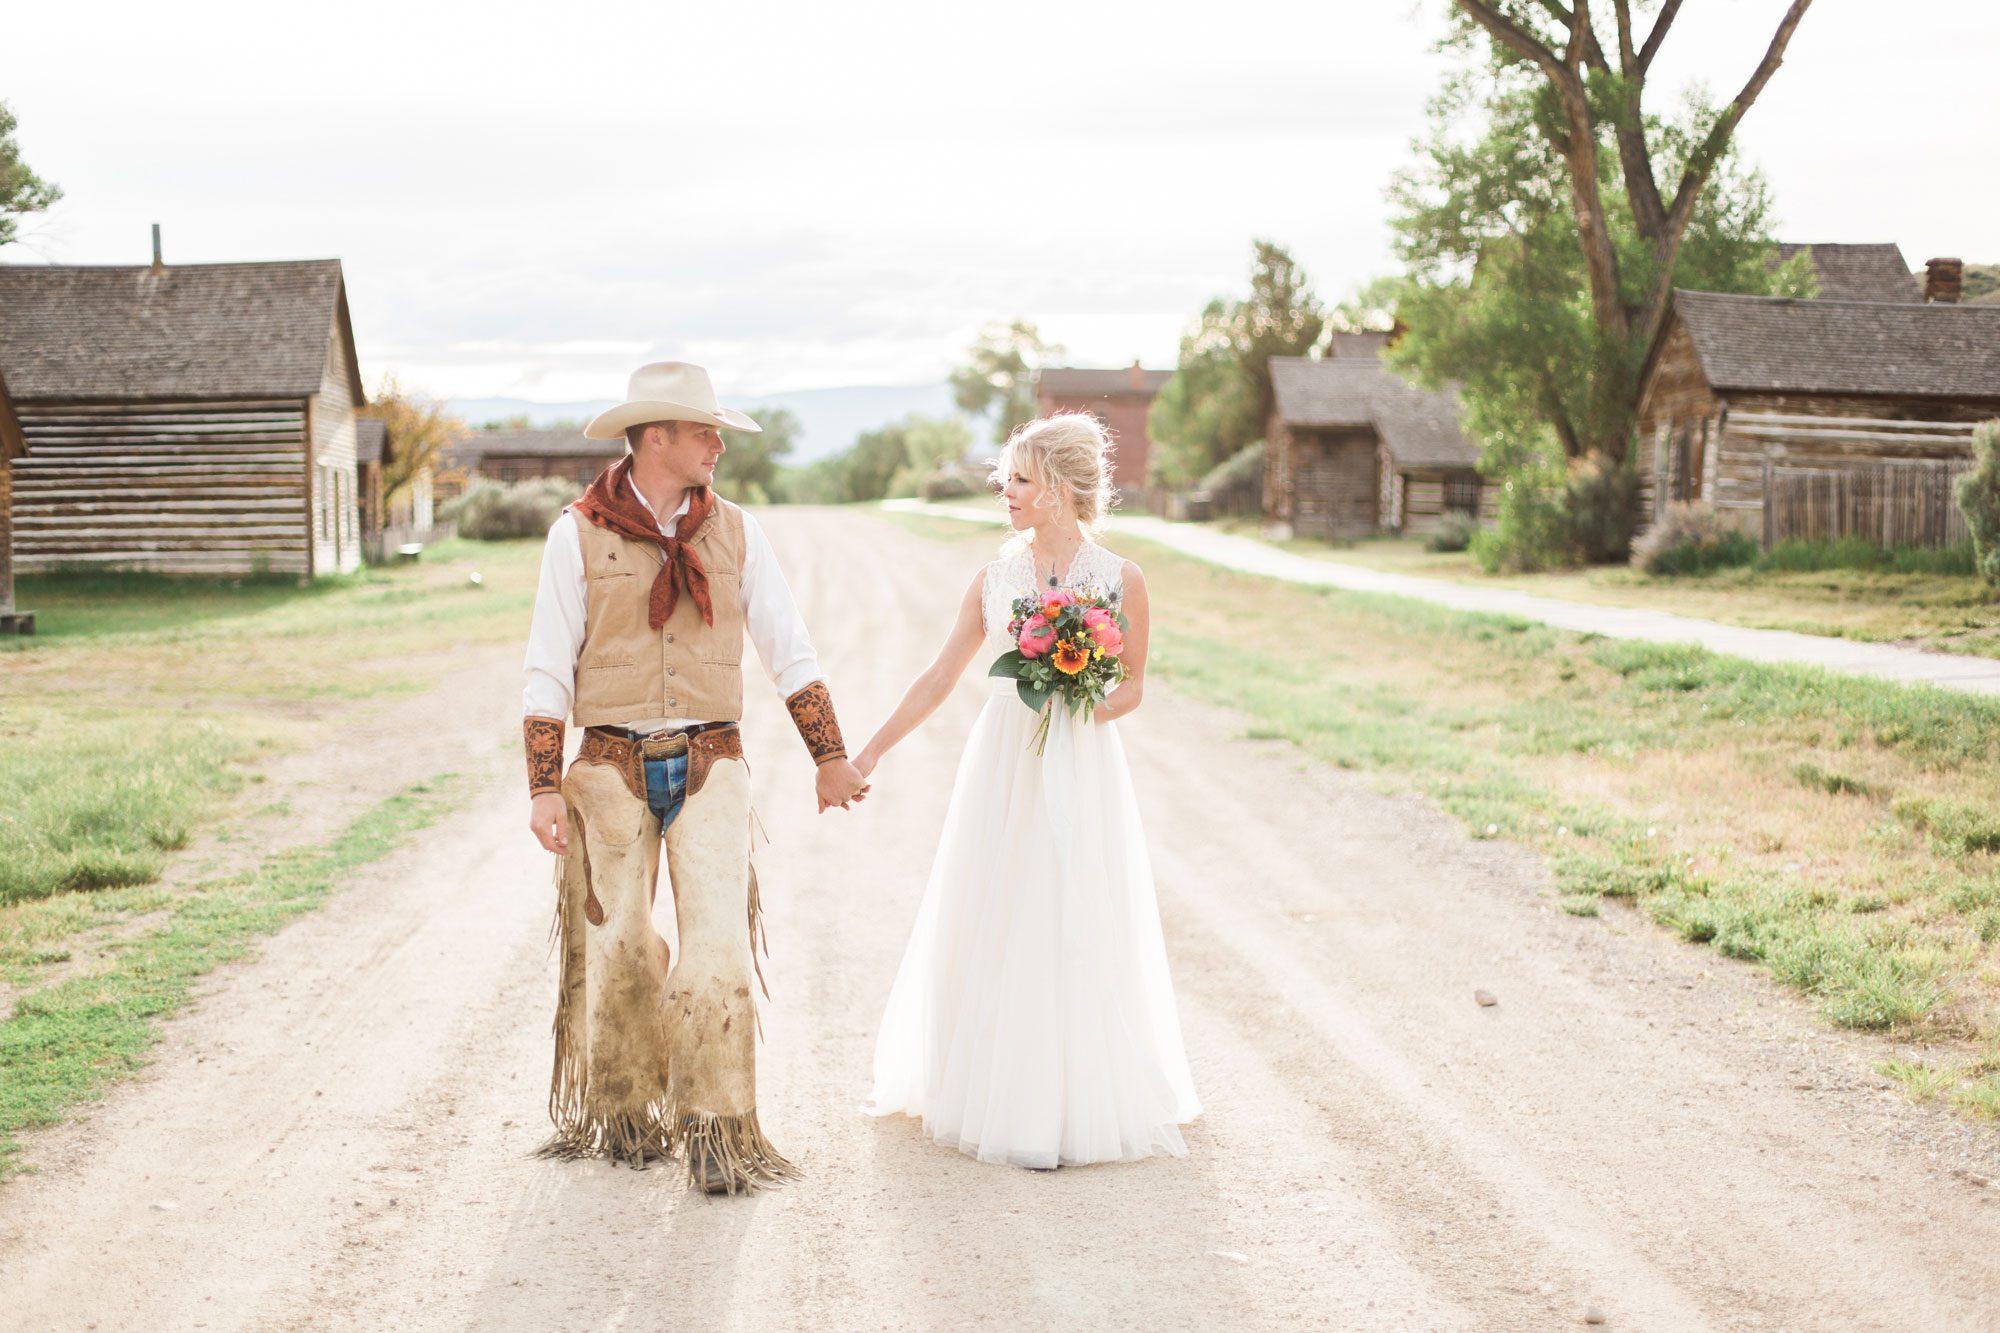 Cowboy Archives - Luxe Mountain Weddings | Mountain Destination Weddings